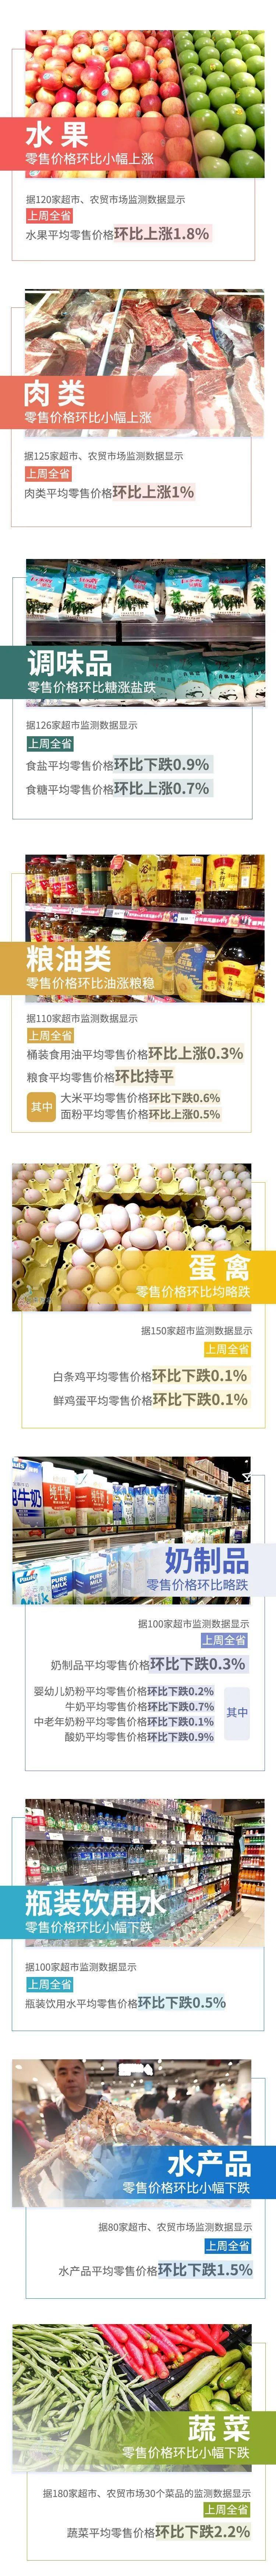 【民生】4涨1平7跌!上周云南省生活必需品零售价格情况来了→